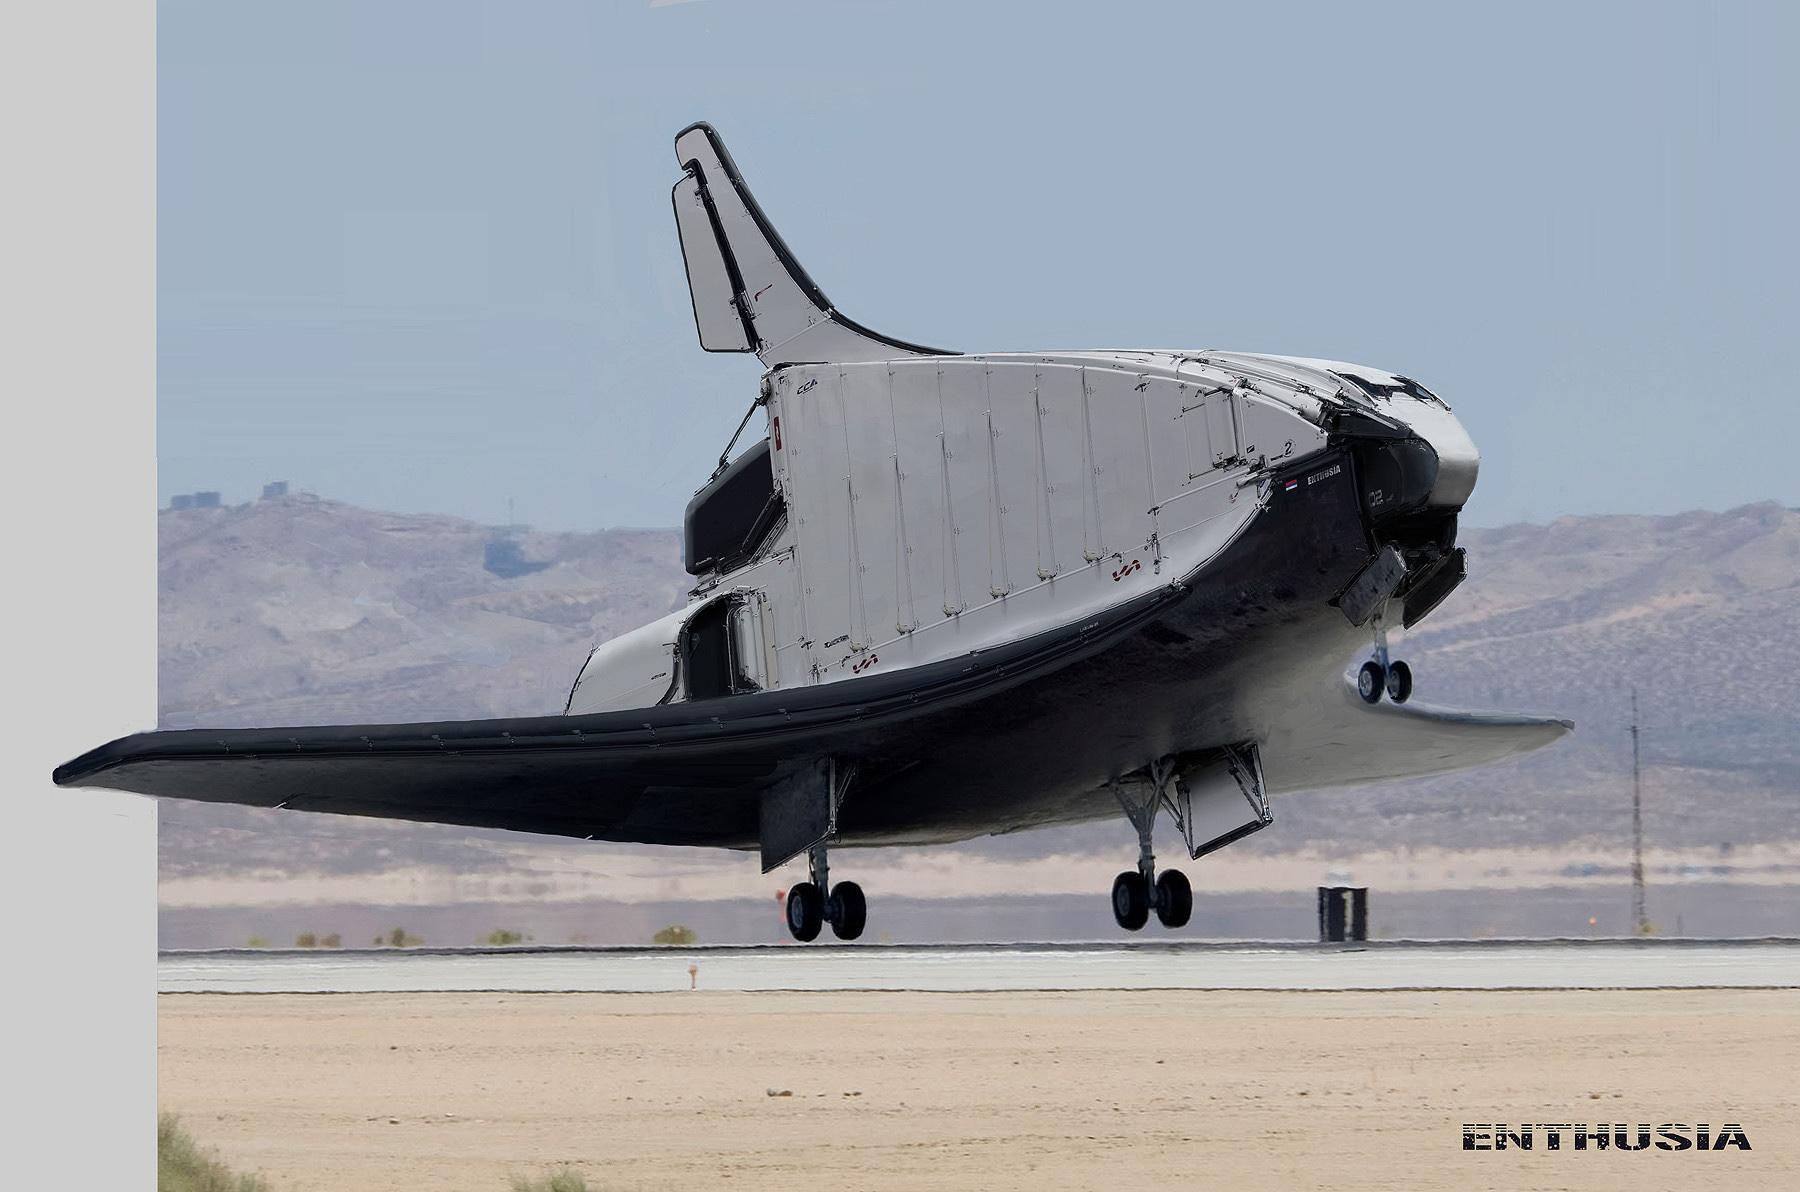 sci fi space shuttle craft - photo #49